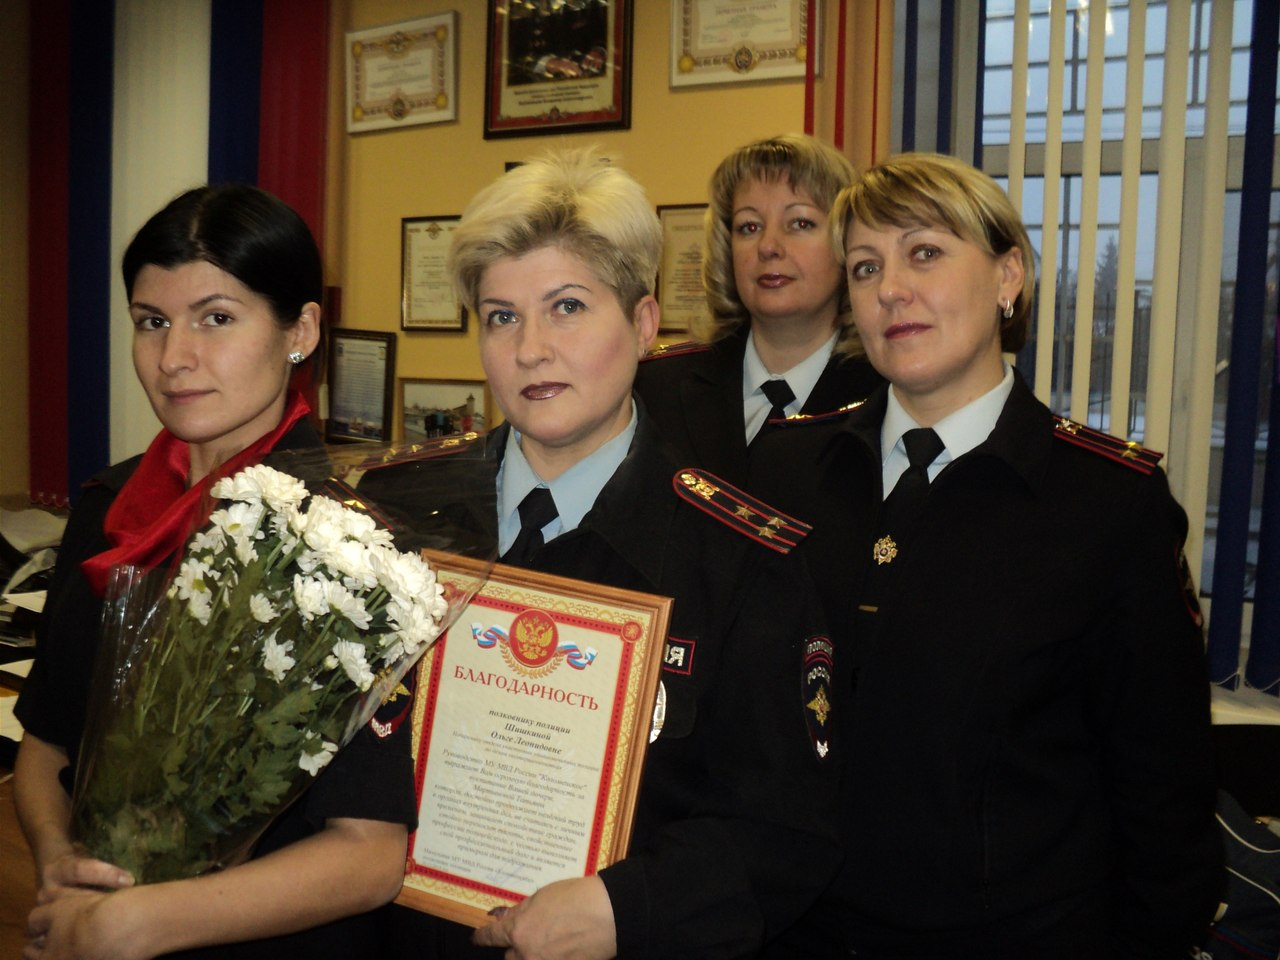 Новости Коломны   Коломенские полицейские поздравили  матерей сотрудников с праздником Фото (Коломна)   predpriyatiya organizatsii kolomnyi